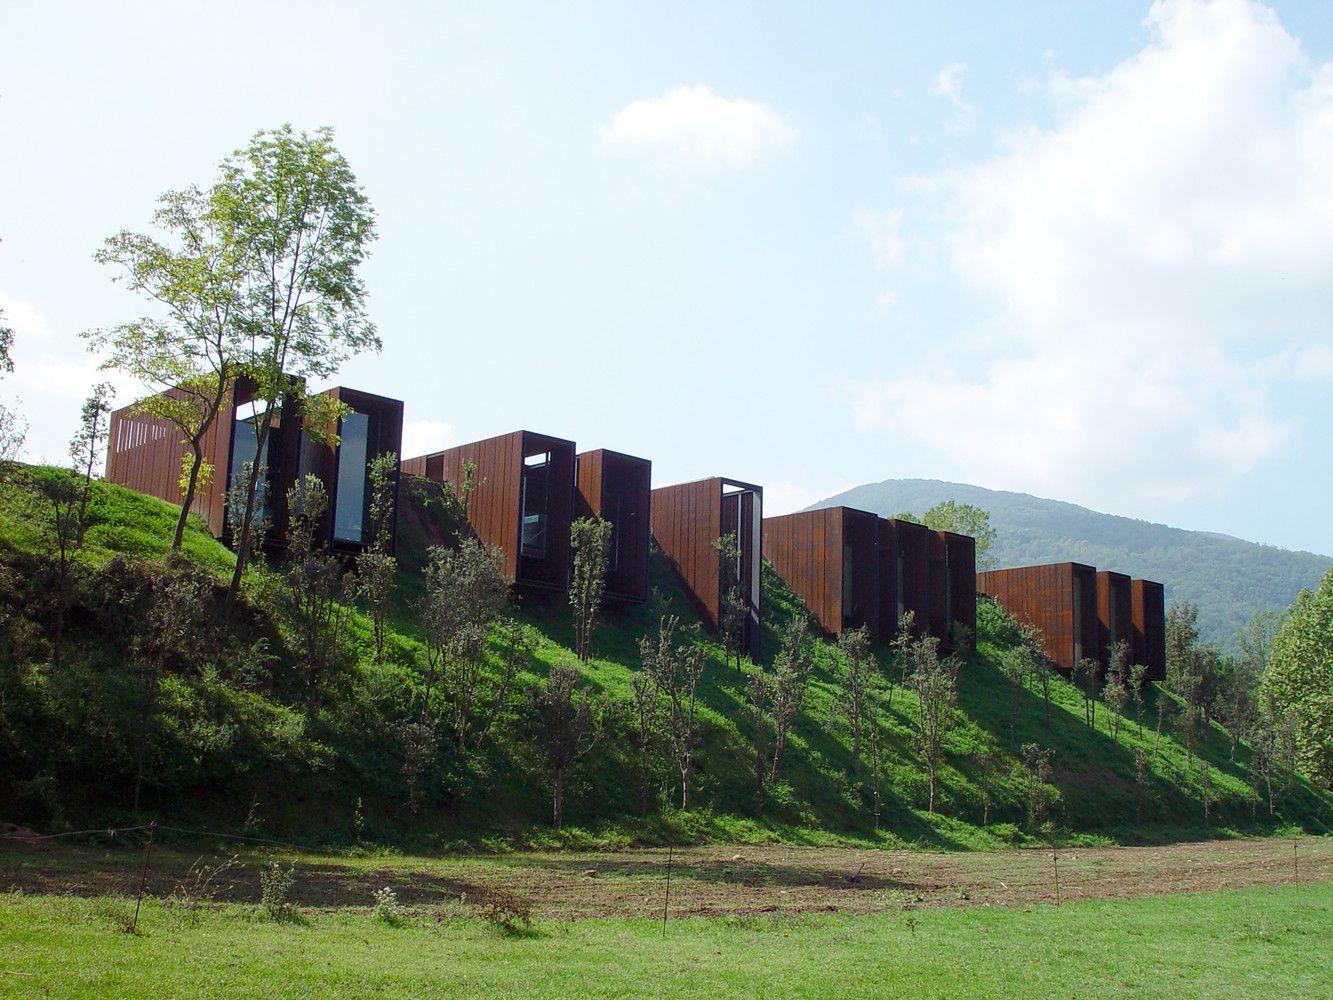 Galeria - Casa Rural / RCR Arquitectes - 6